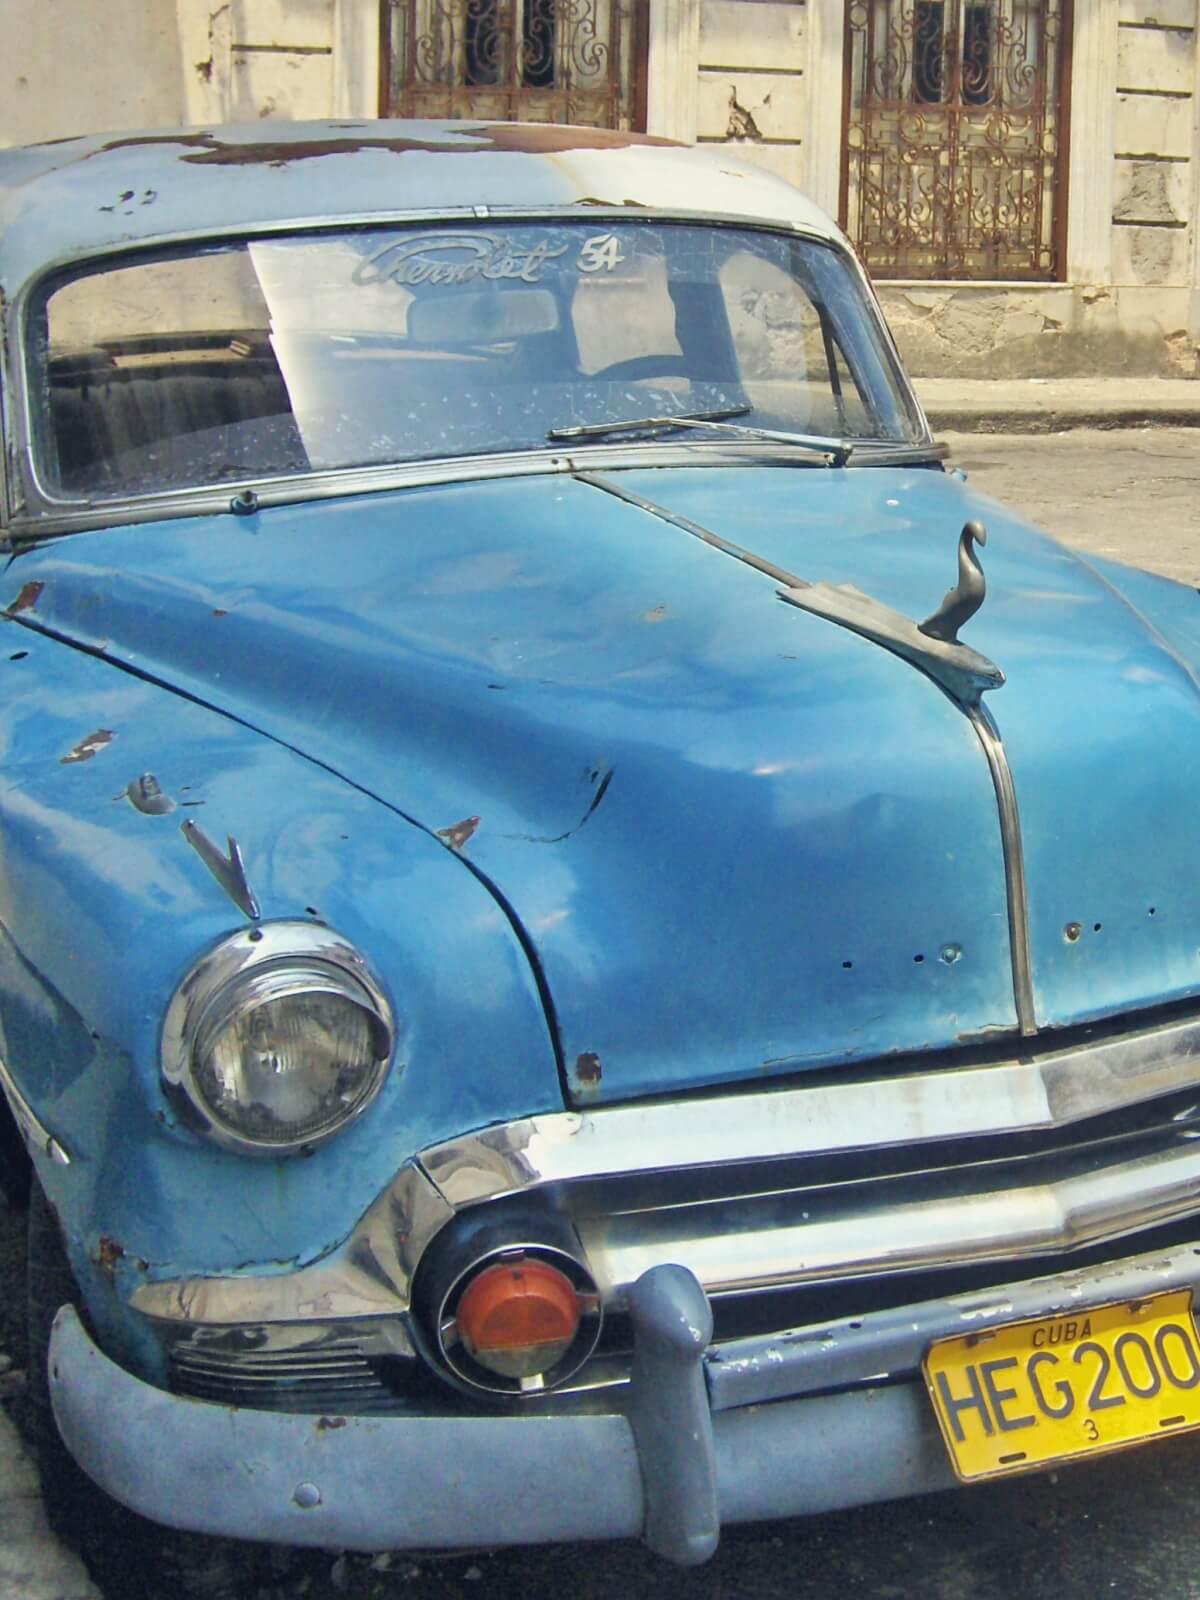 Stare samochody z Hawany na Kubie.